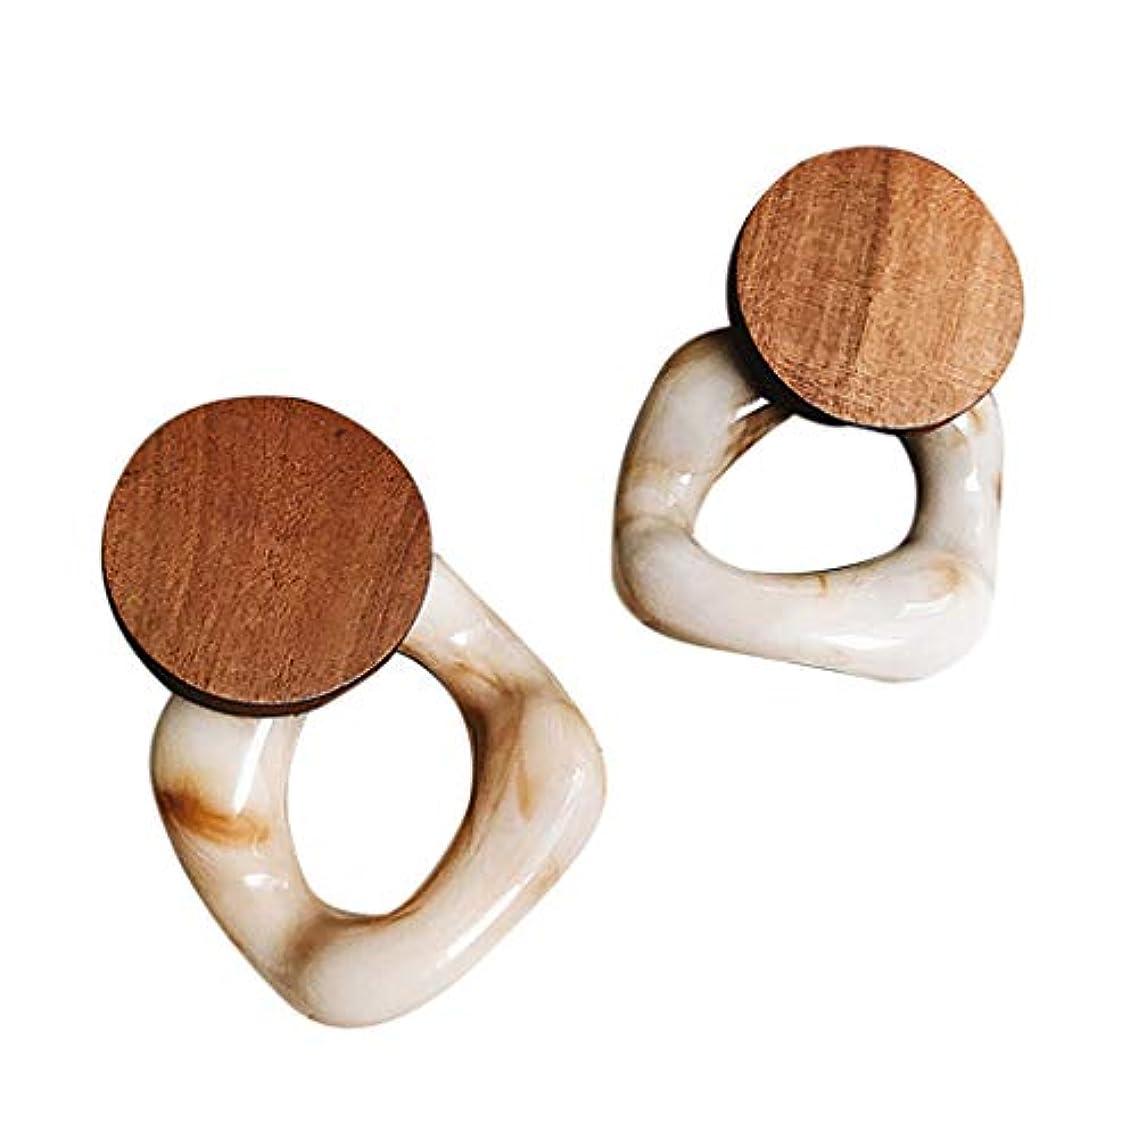 中で奪う汚染するNicircle 女性のための新しいファッション樹脂大イヤリング木製イヤリングジュエリー レトロ 樹脂 イヤリング New Fashion Resin Large Earrings For Women Wooden Earrings...